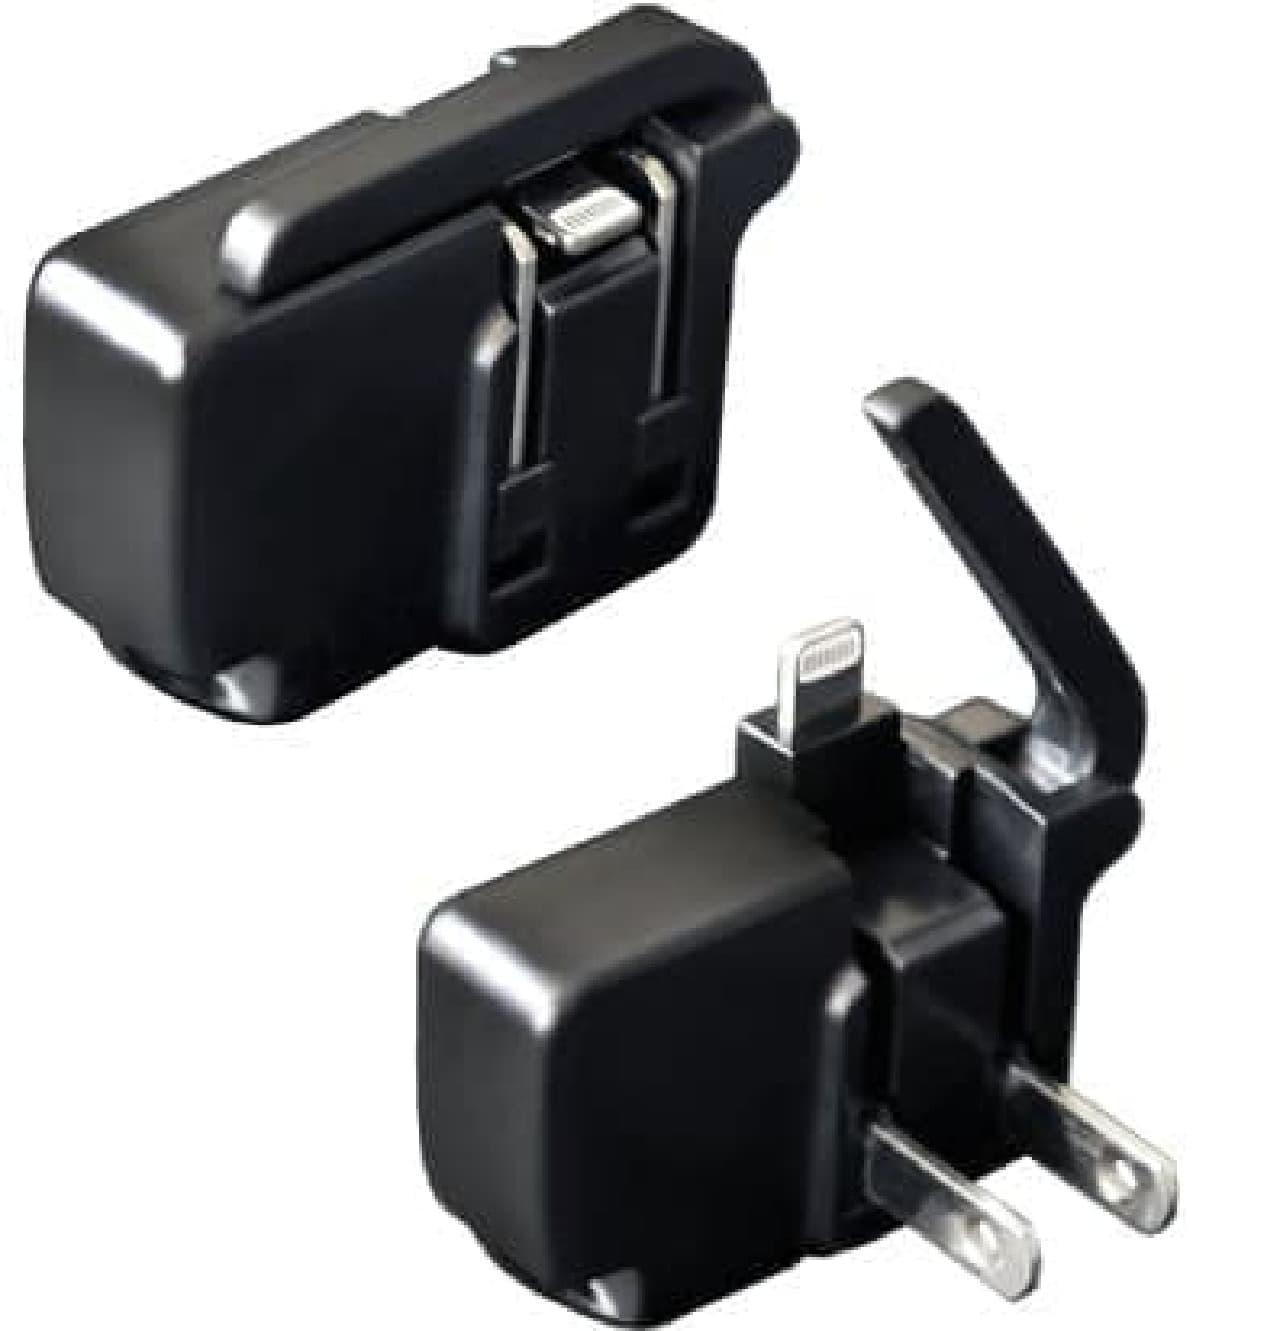 スマートフォン充電器「Chargerito」Apple製品用